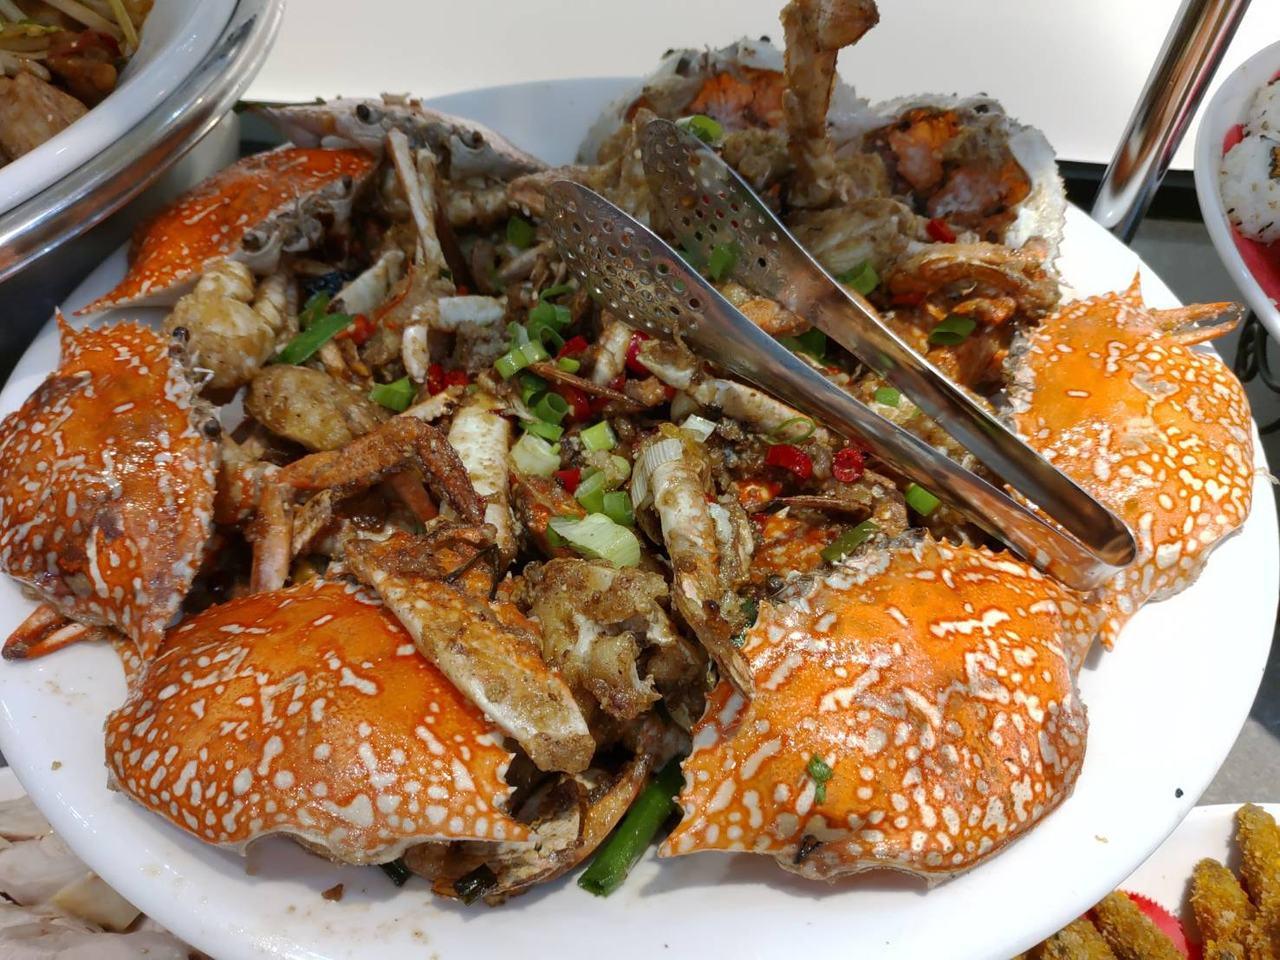 只要200出頭就能吃到的牛排館自助吧,還提供螃蟹料理。 圖擷自臉書社團「爆廢公社...